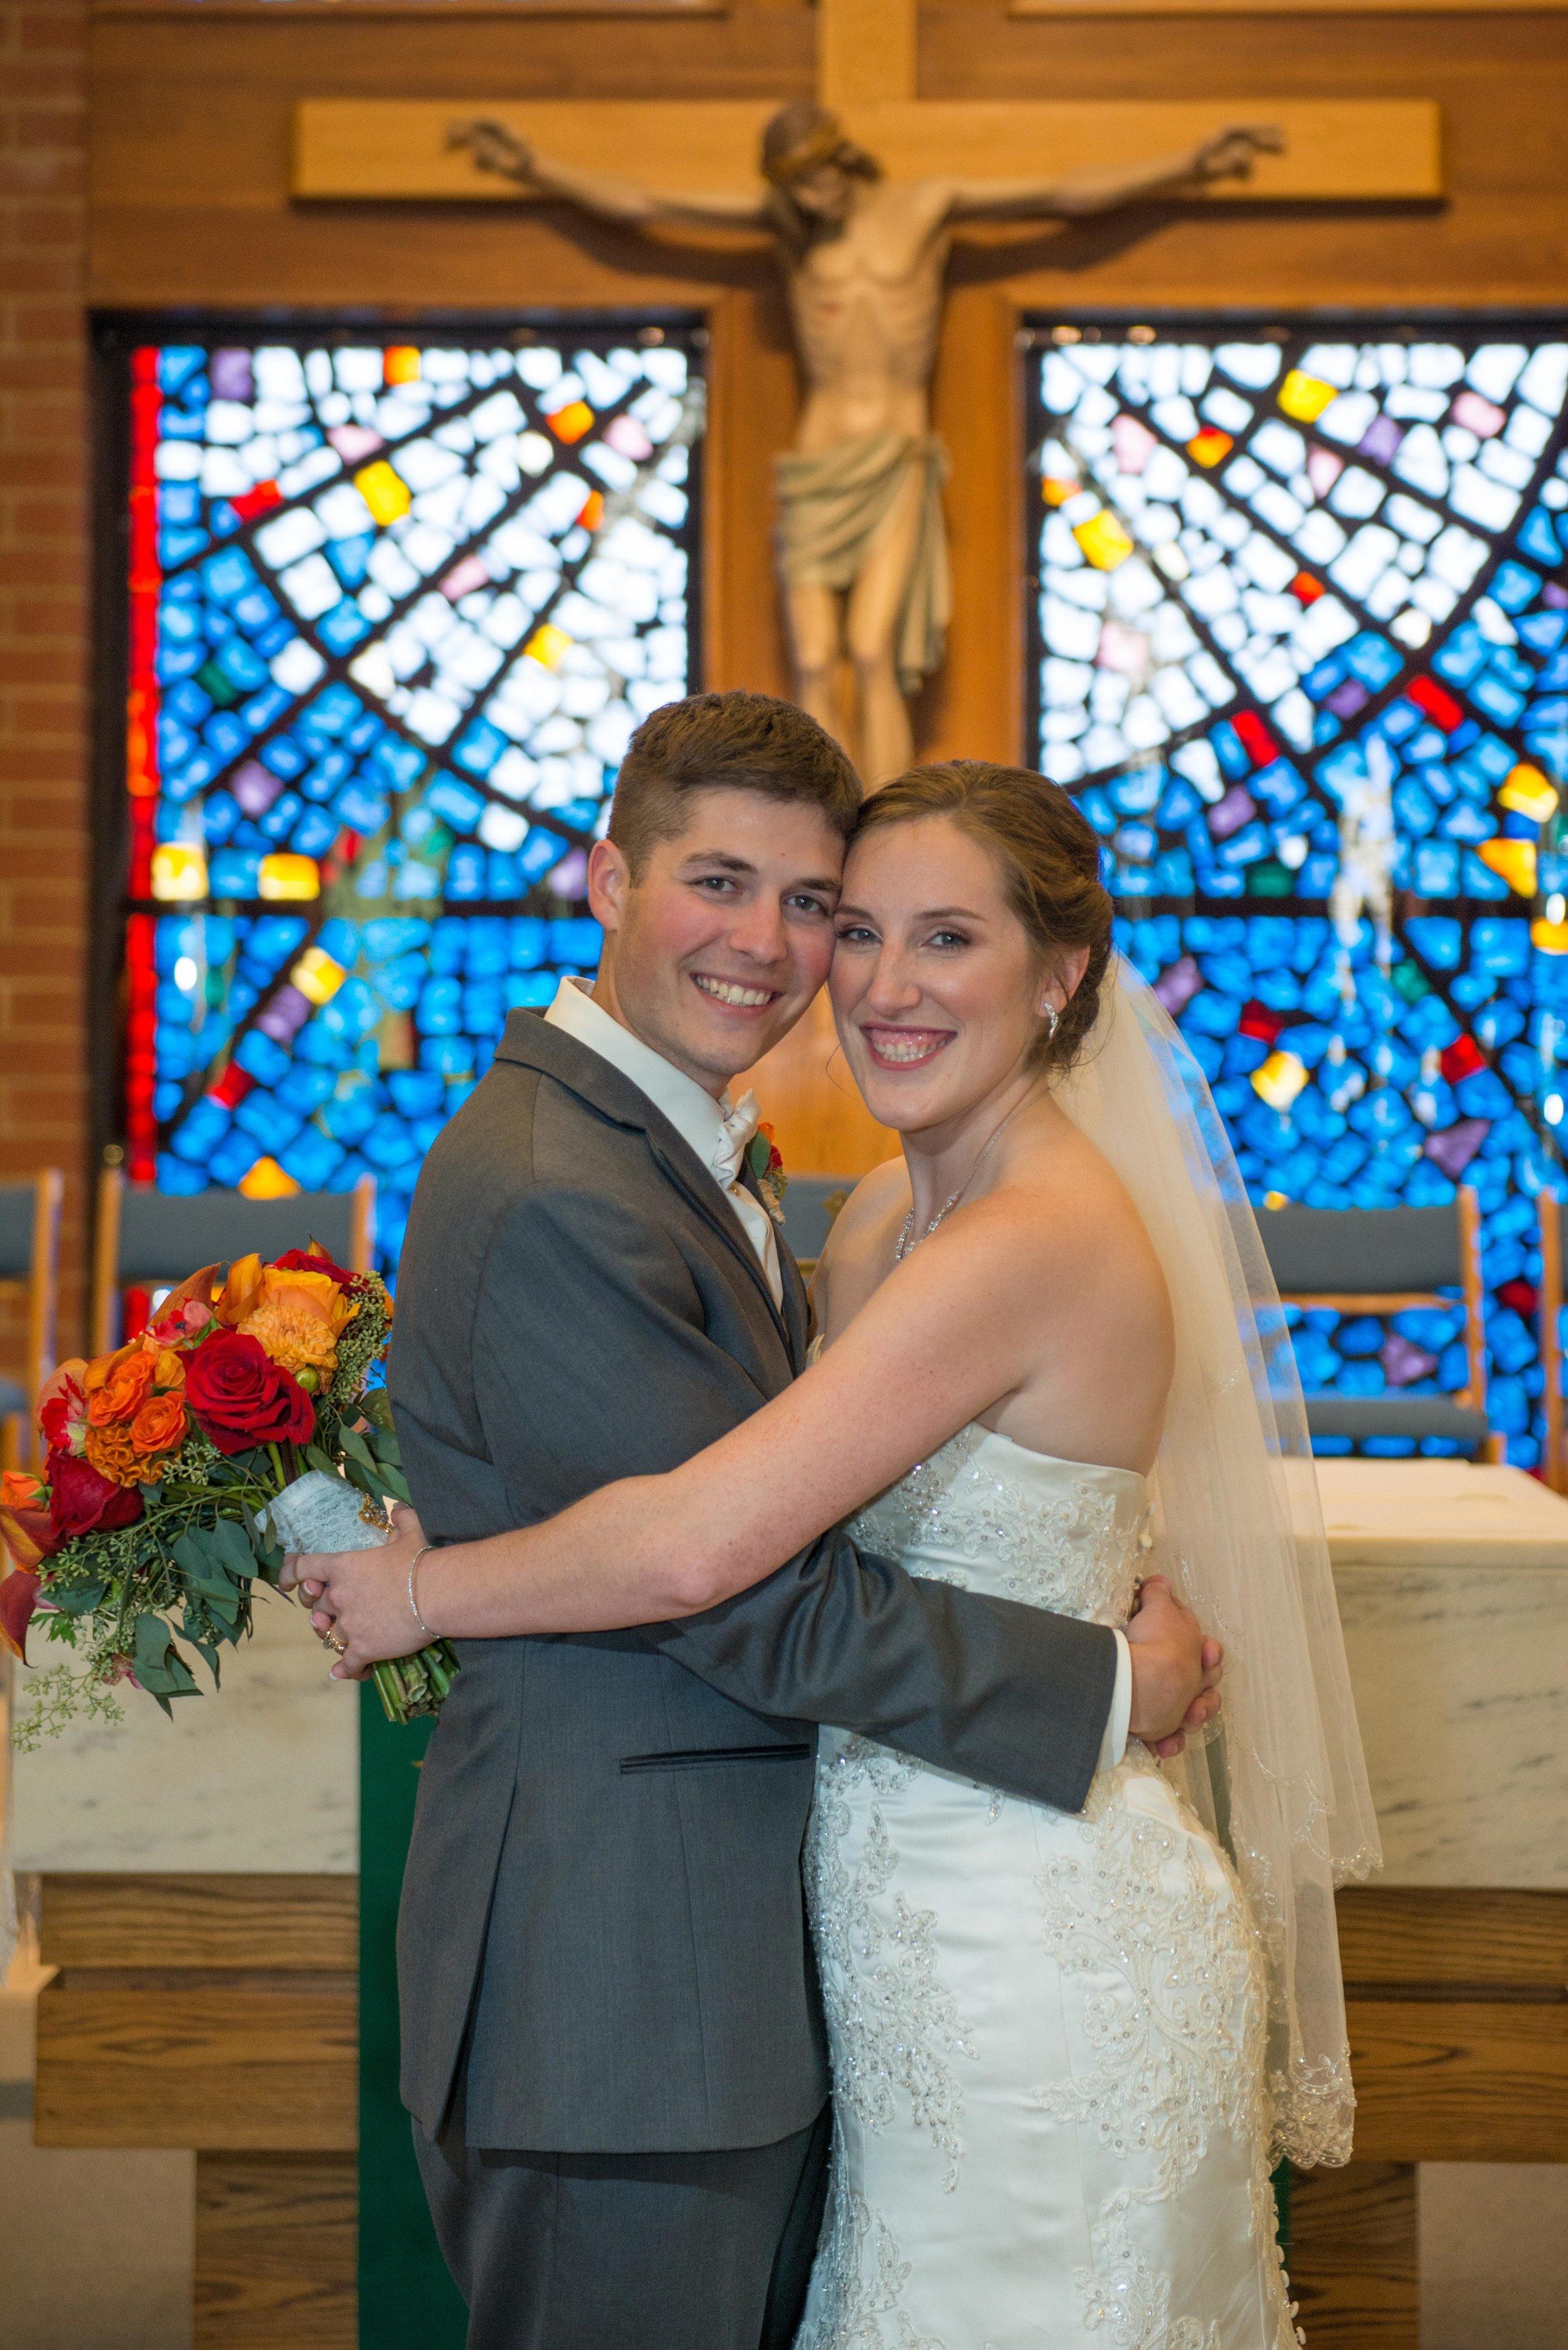 00001_Adams-Wedding-54.jpg